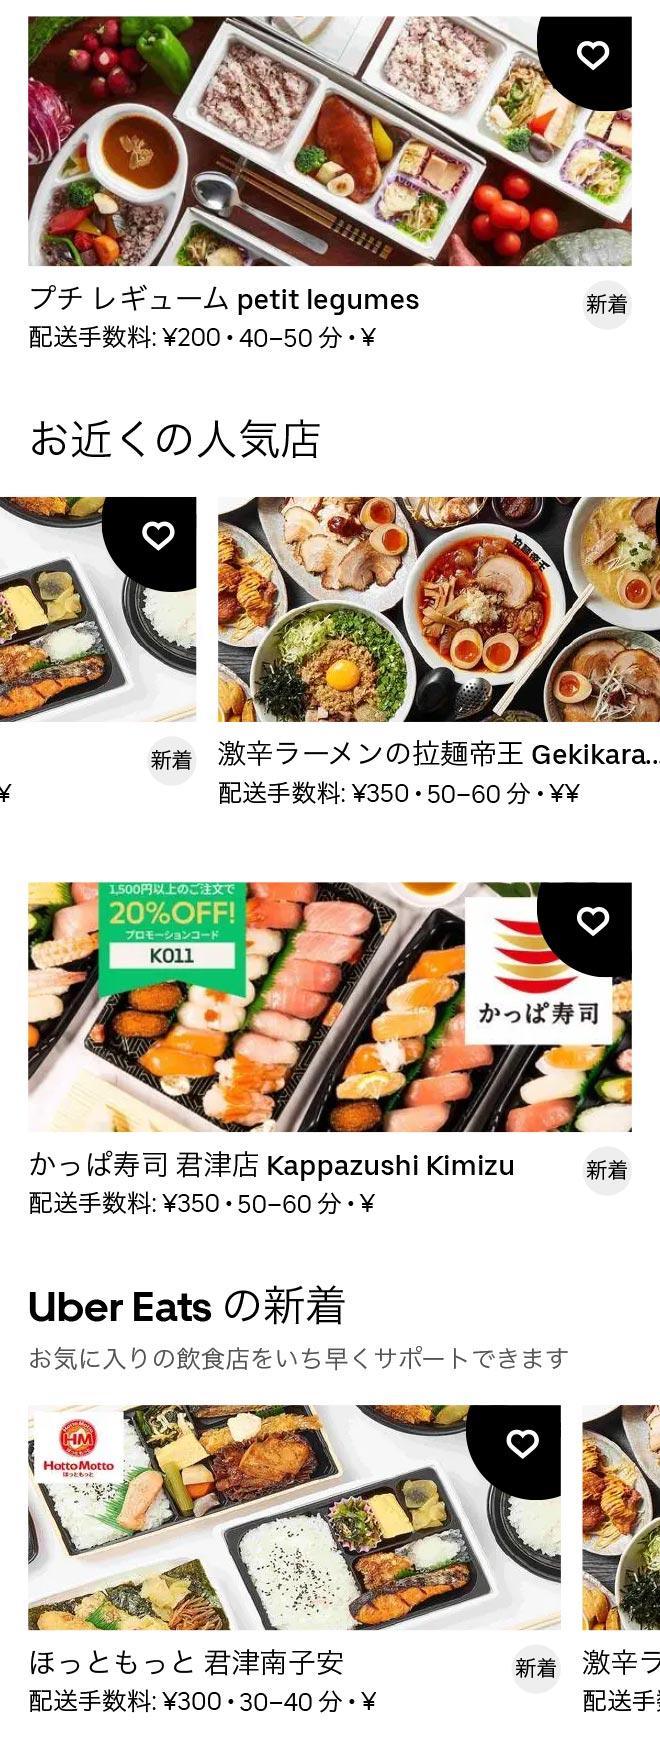 Kimitsu menu 2011 1